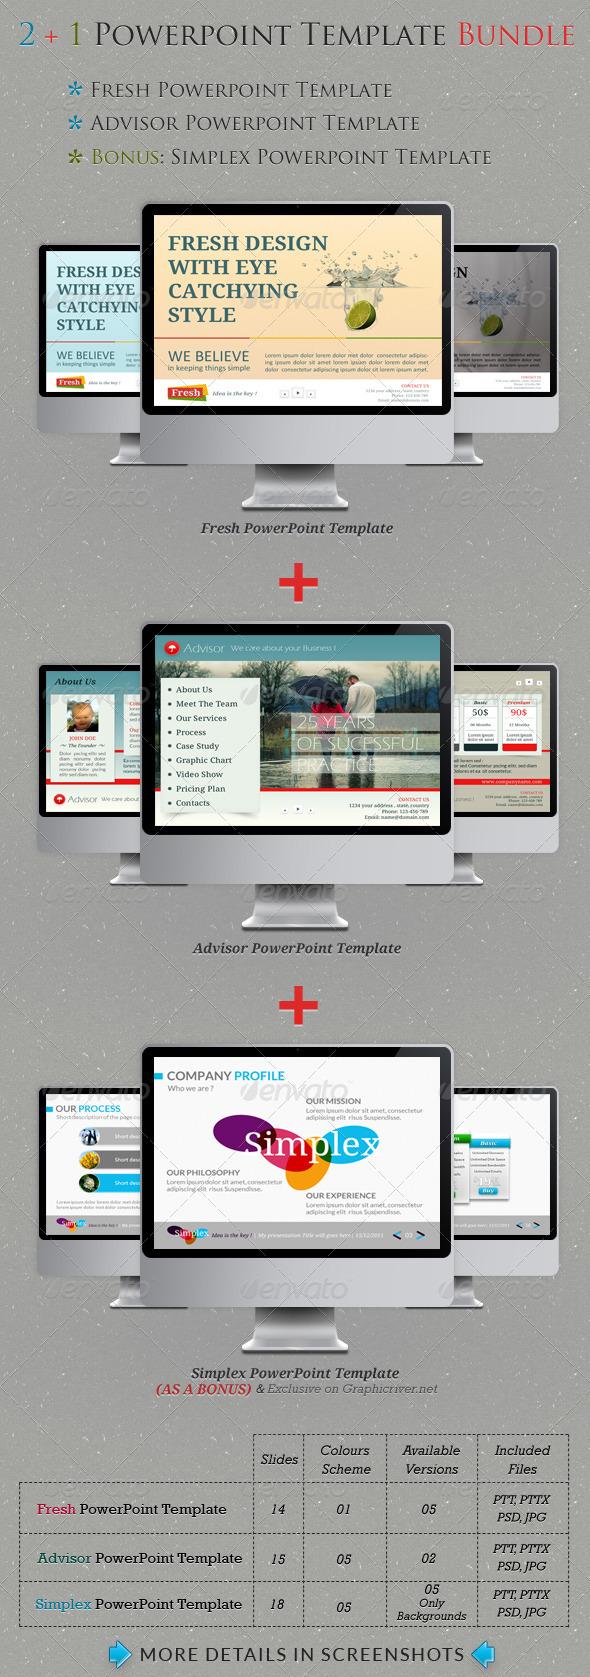 GraphicRiver 2&1 Powerpoint Templates Bundle 516072